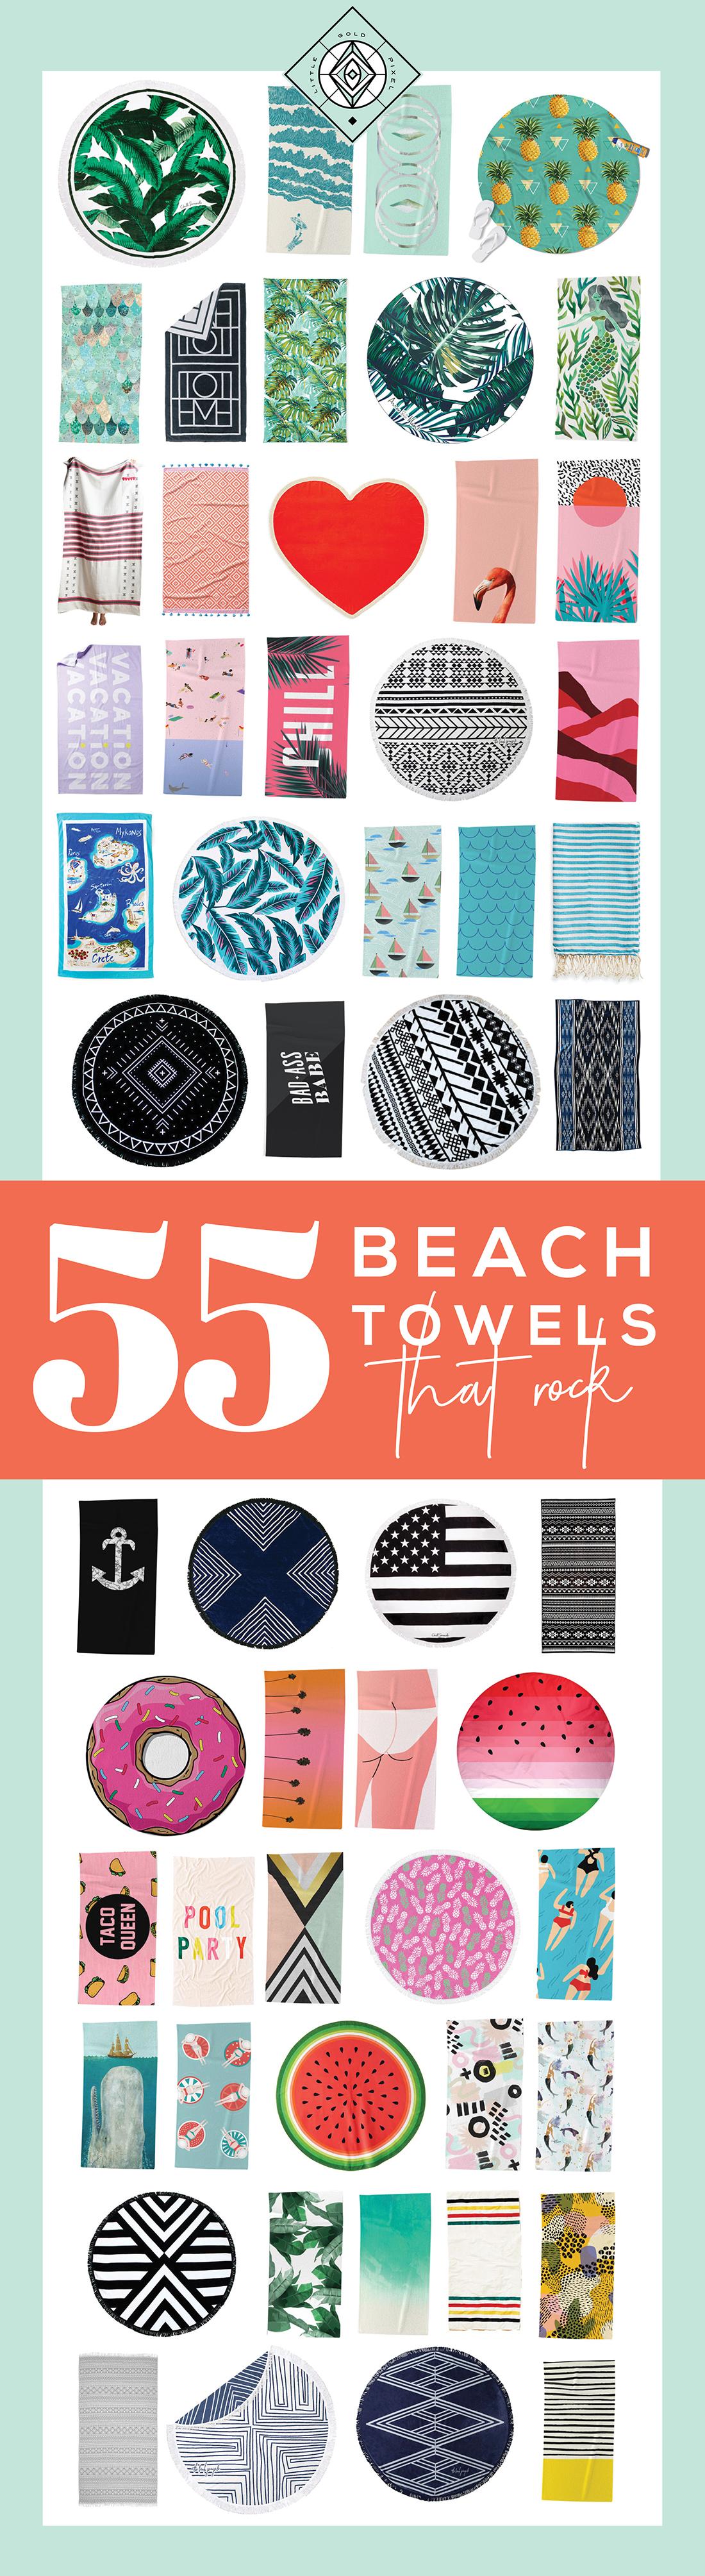 55 Best Beach Towels: A Design Roundup • Little Gold Pixel